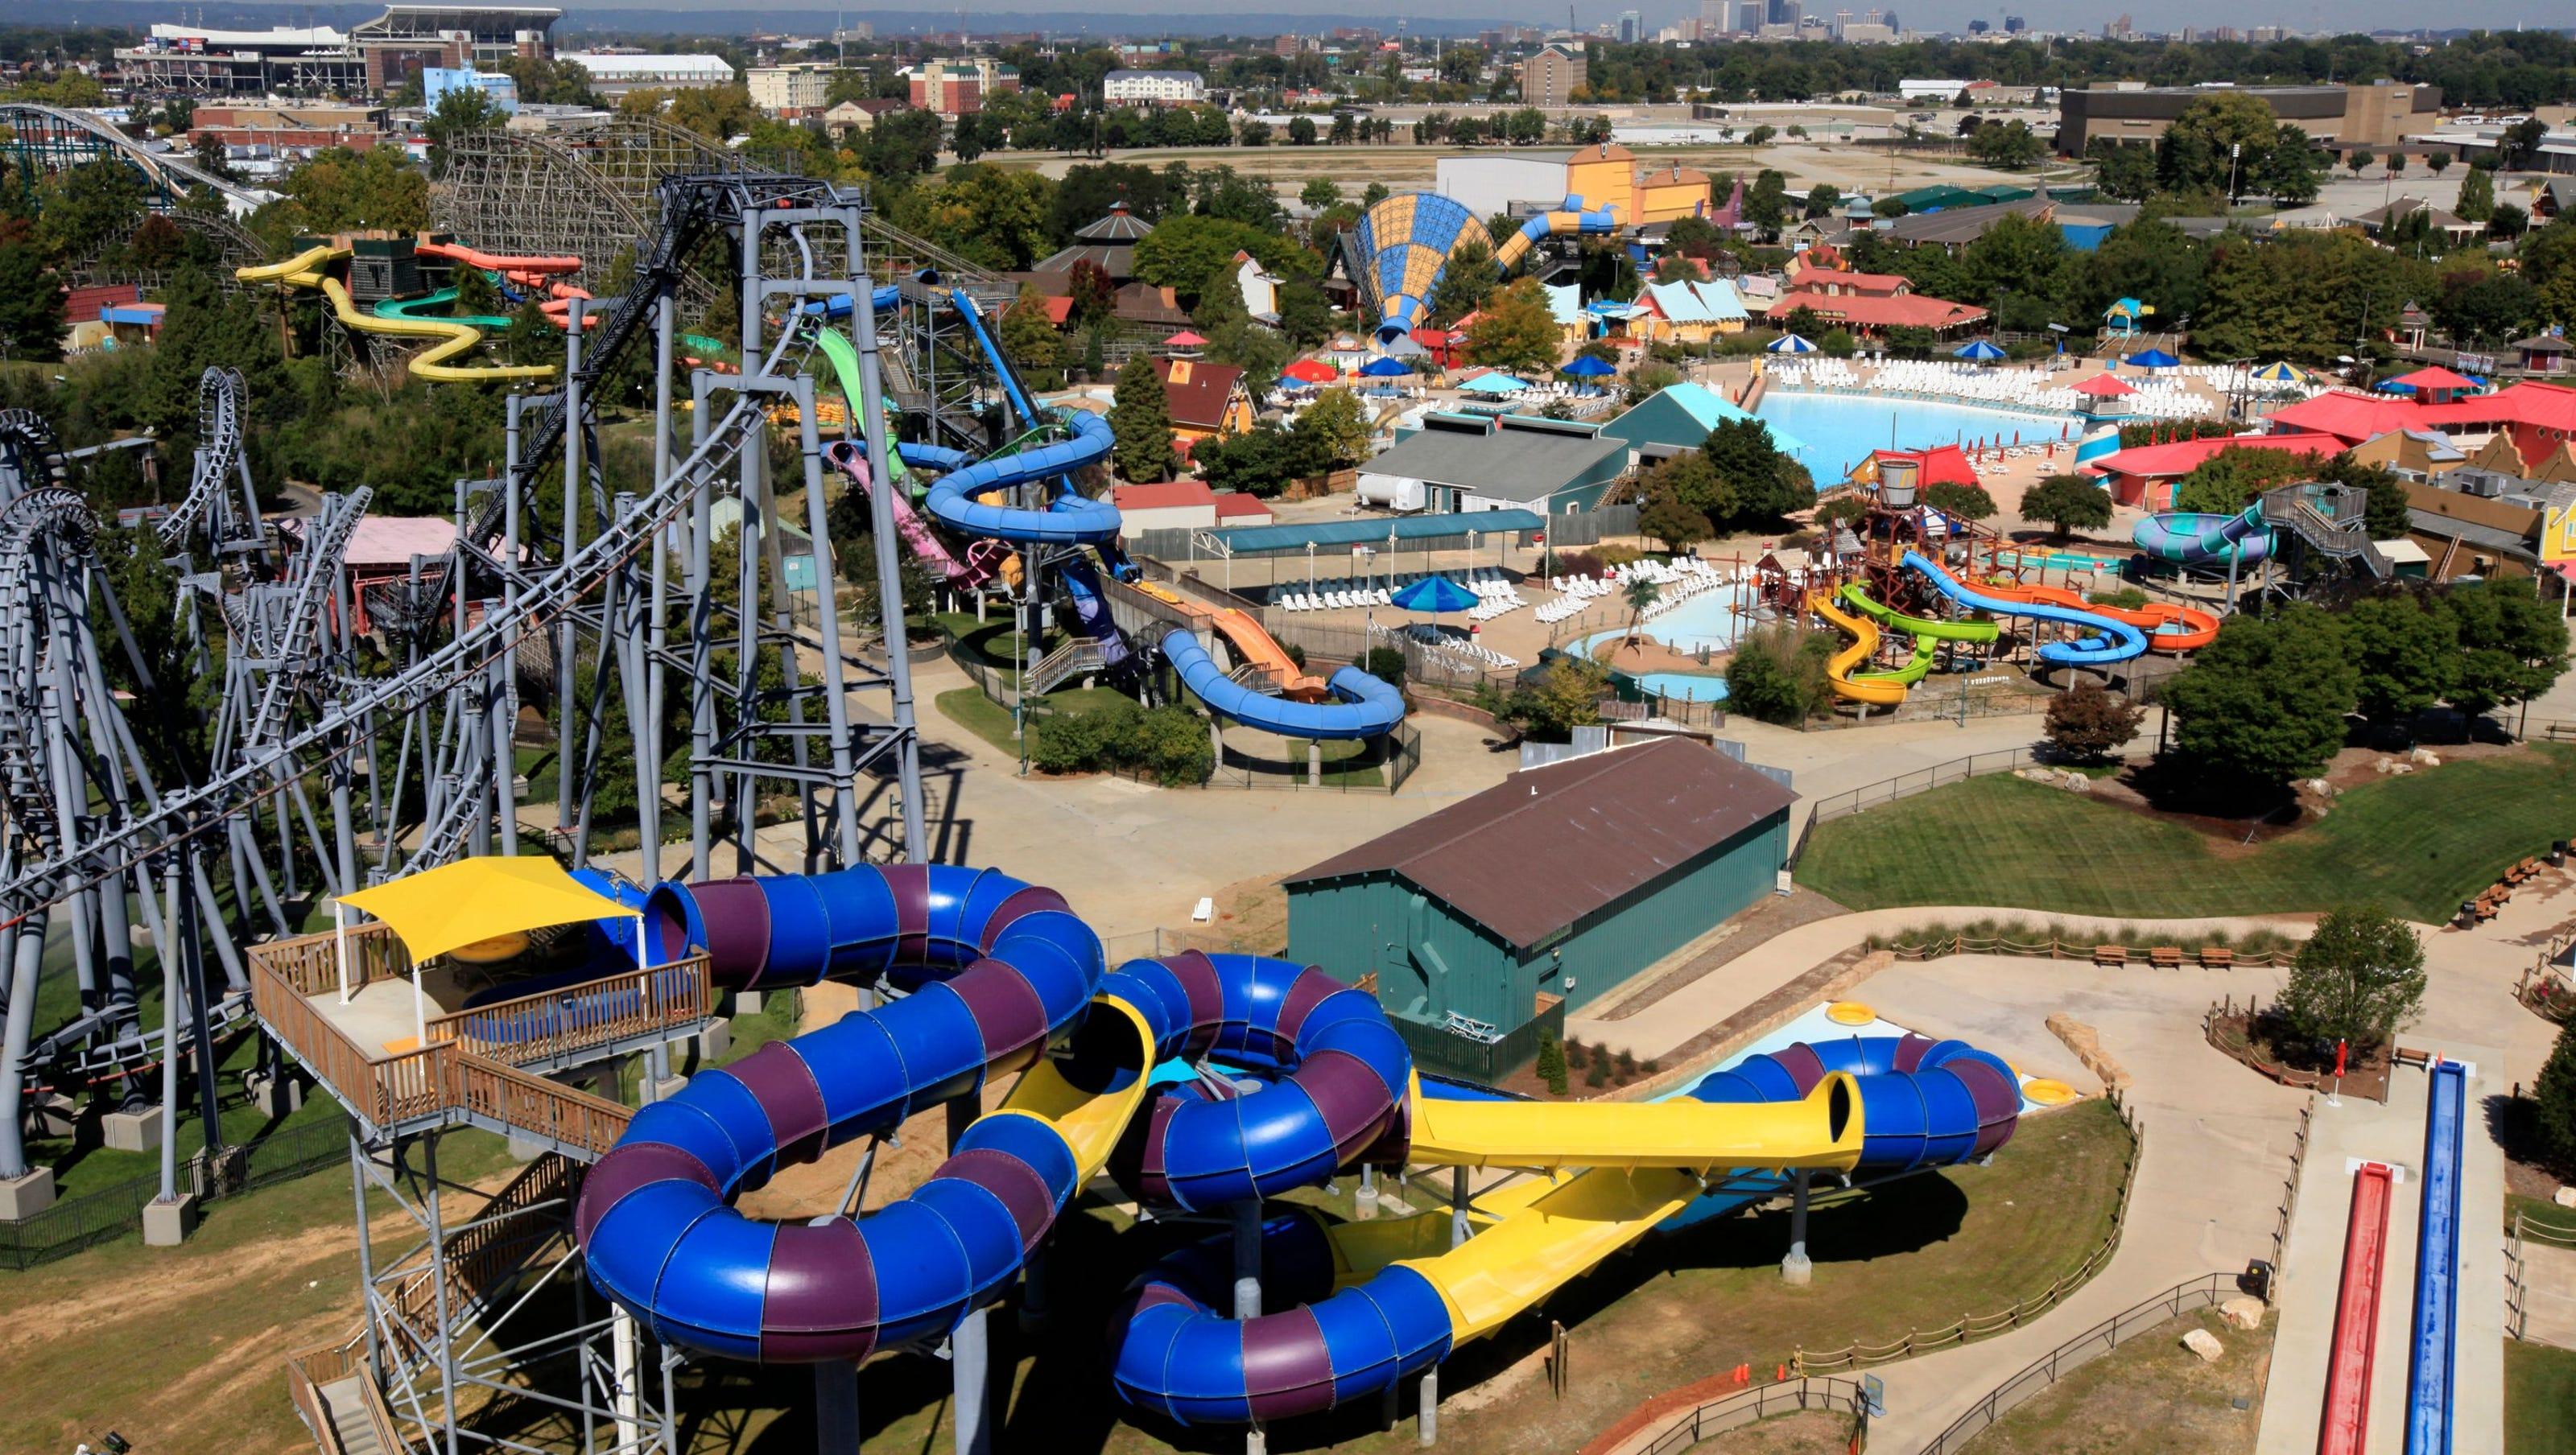 Kentucky Kingdom Roller Coaster Reopens After Crash Investigation